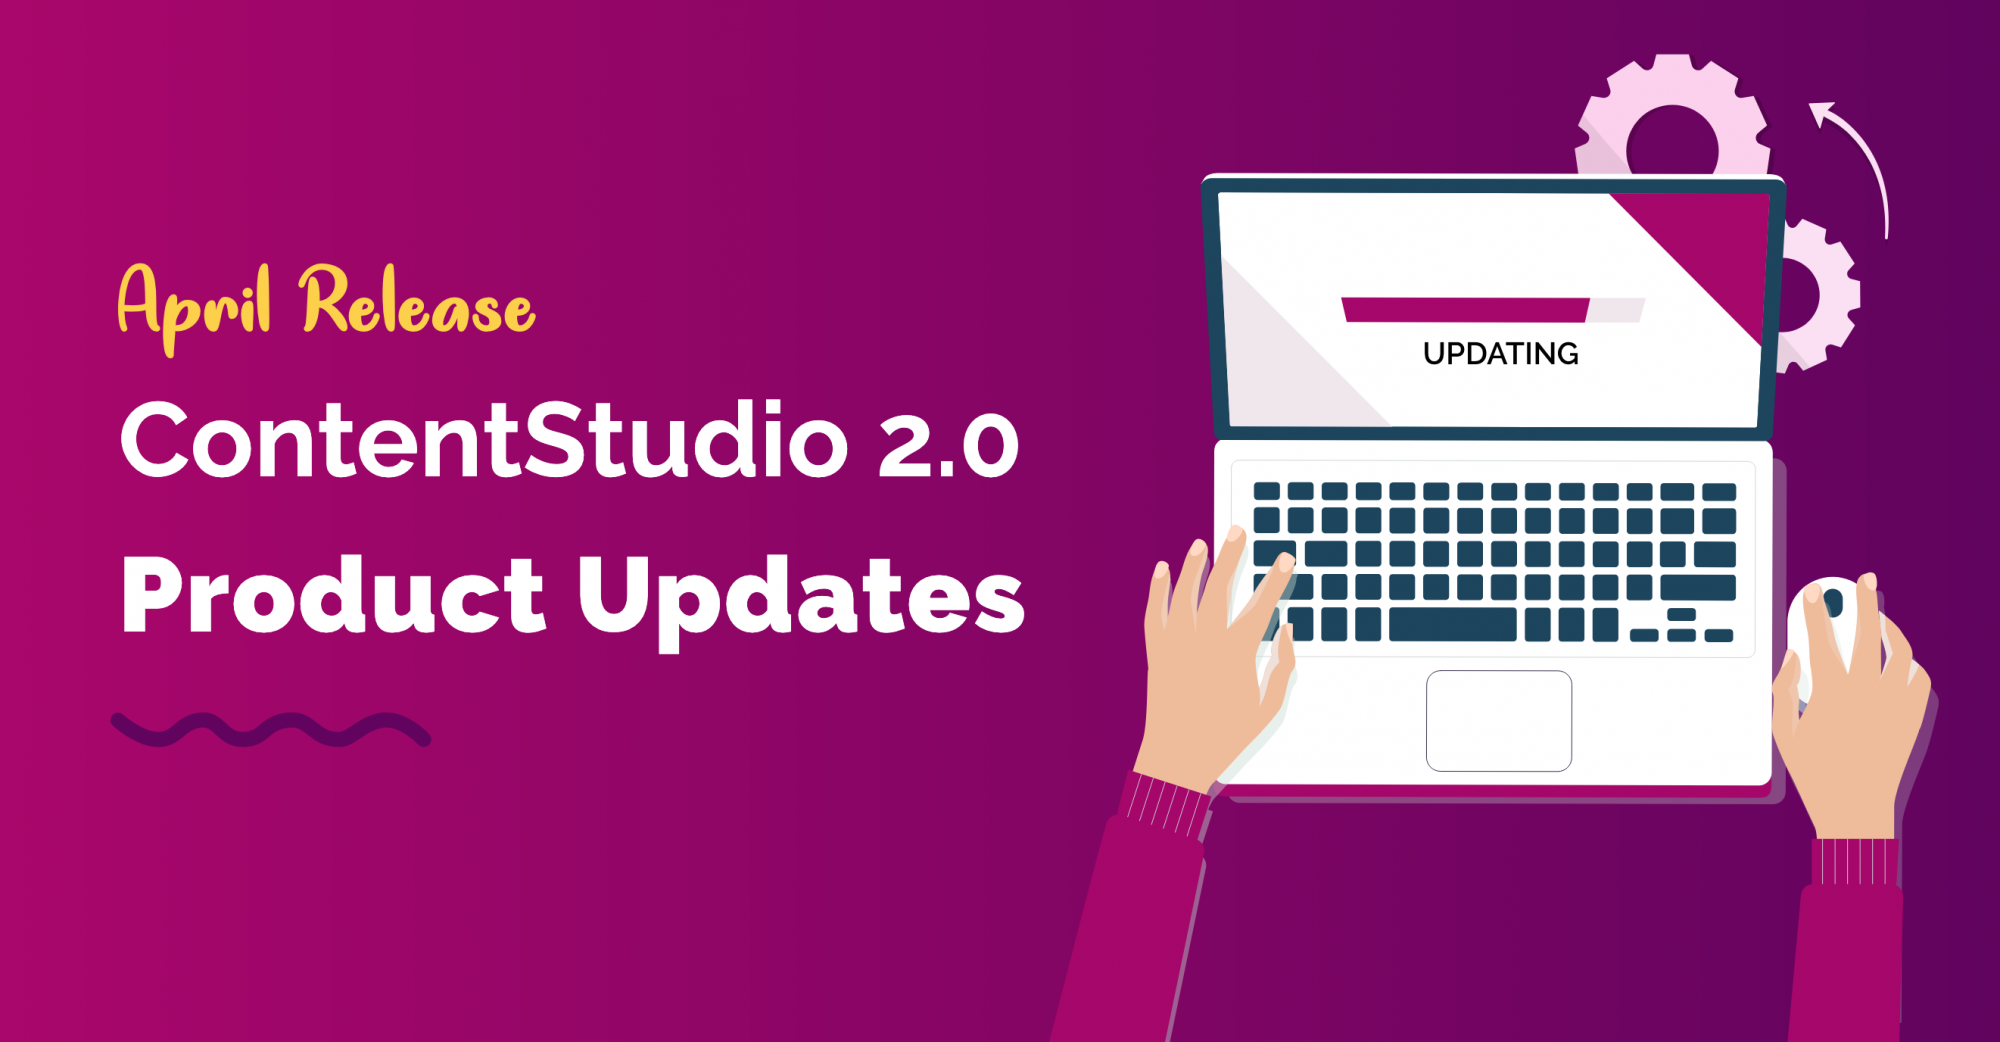 ContentStudio Updates - April